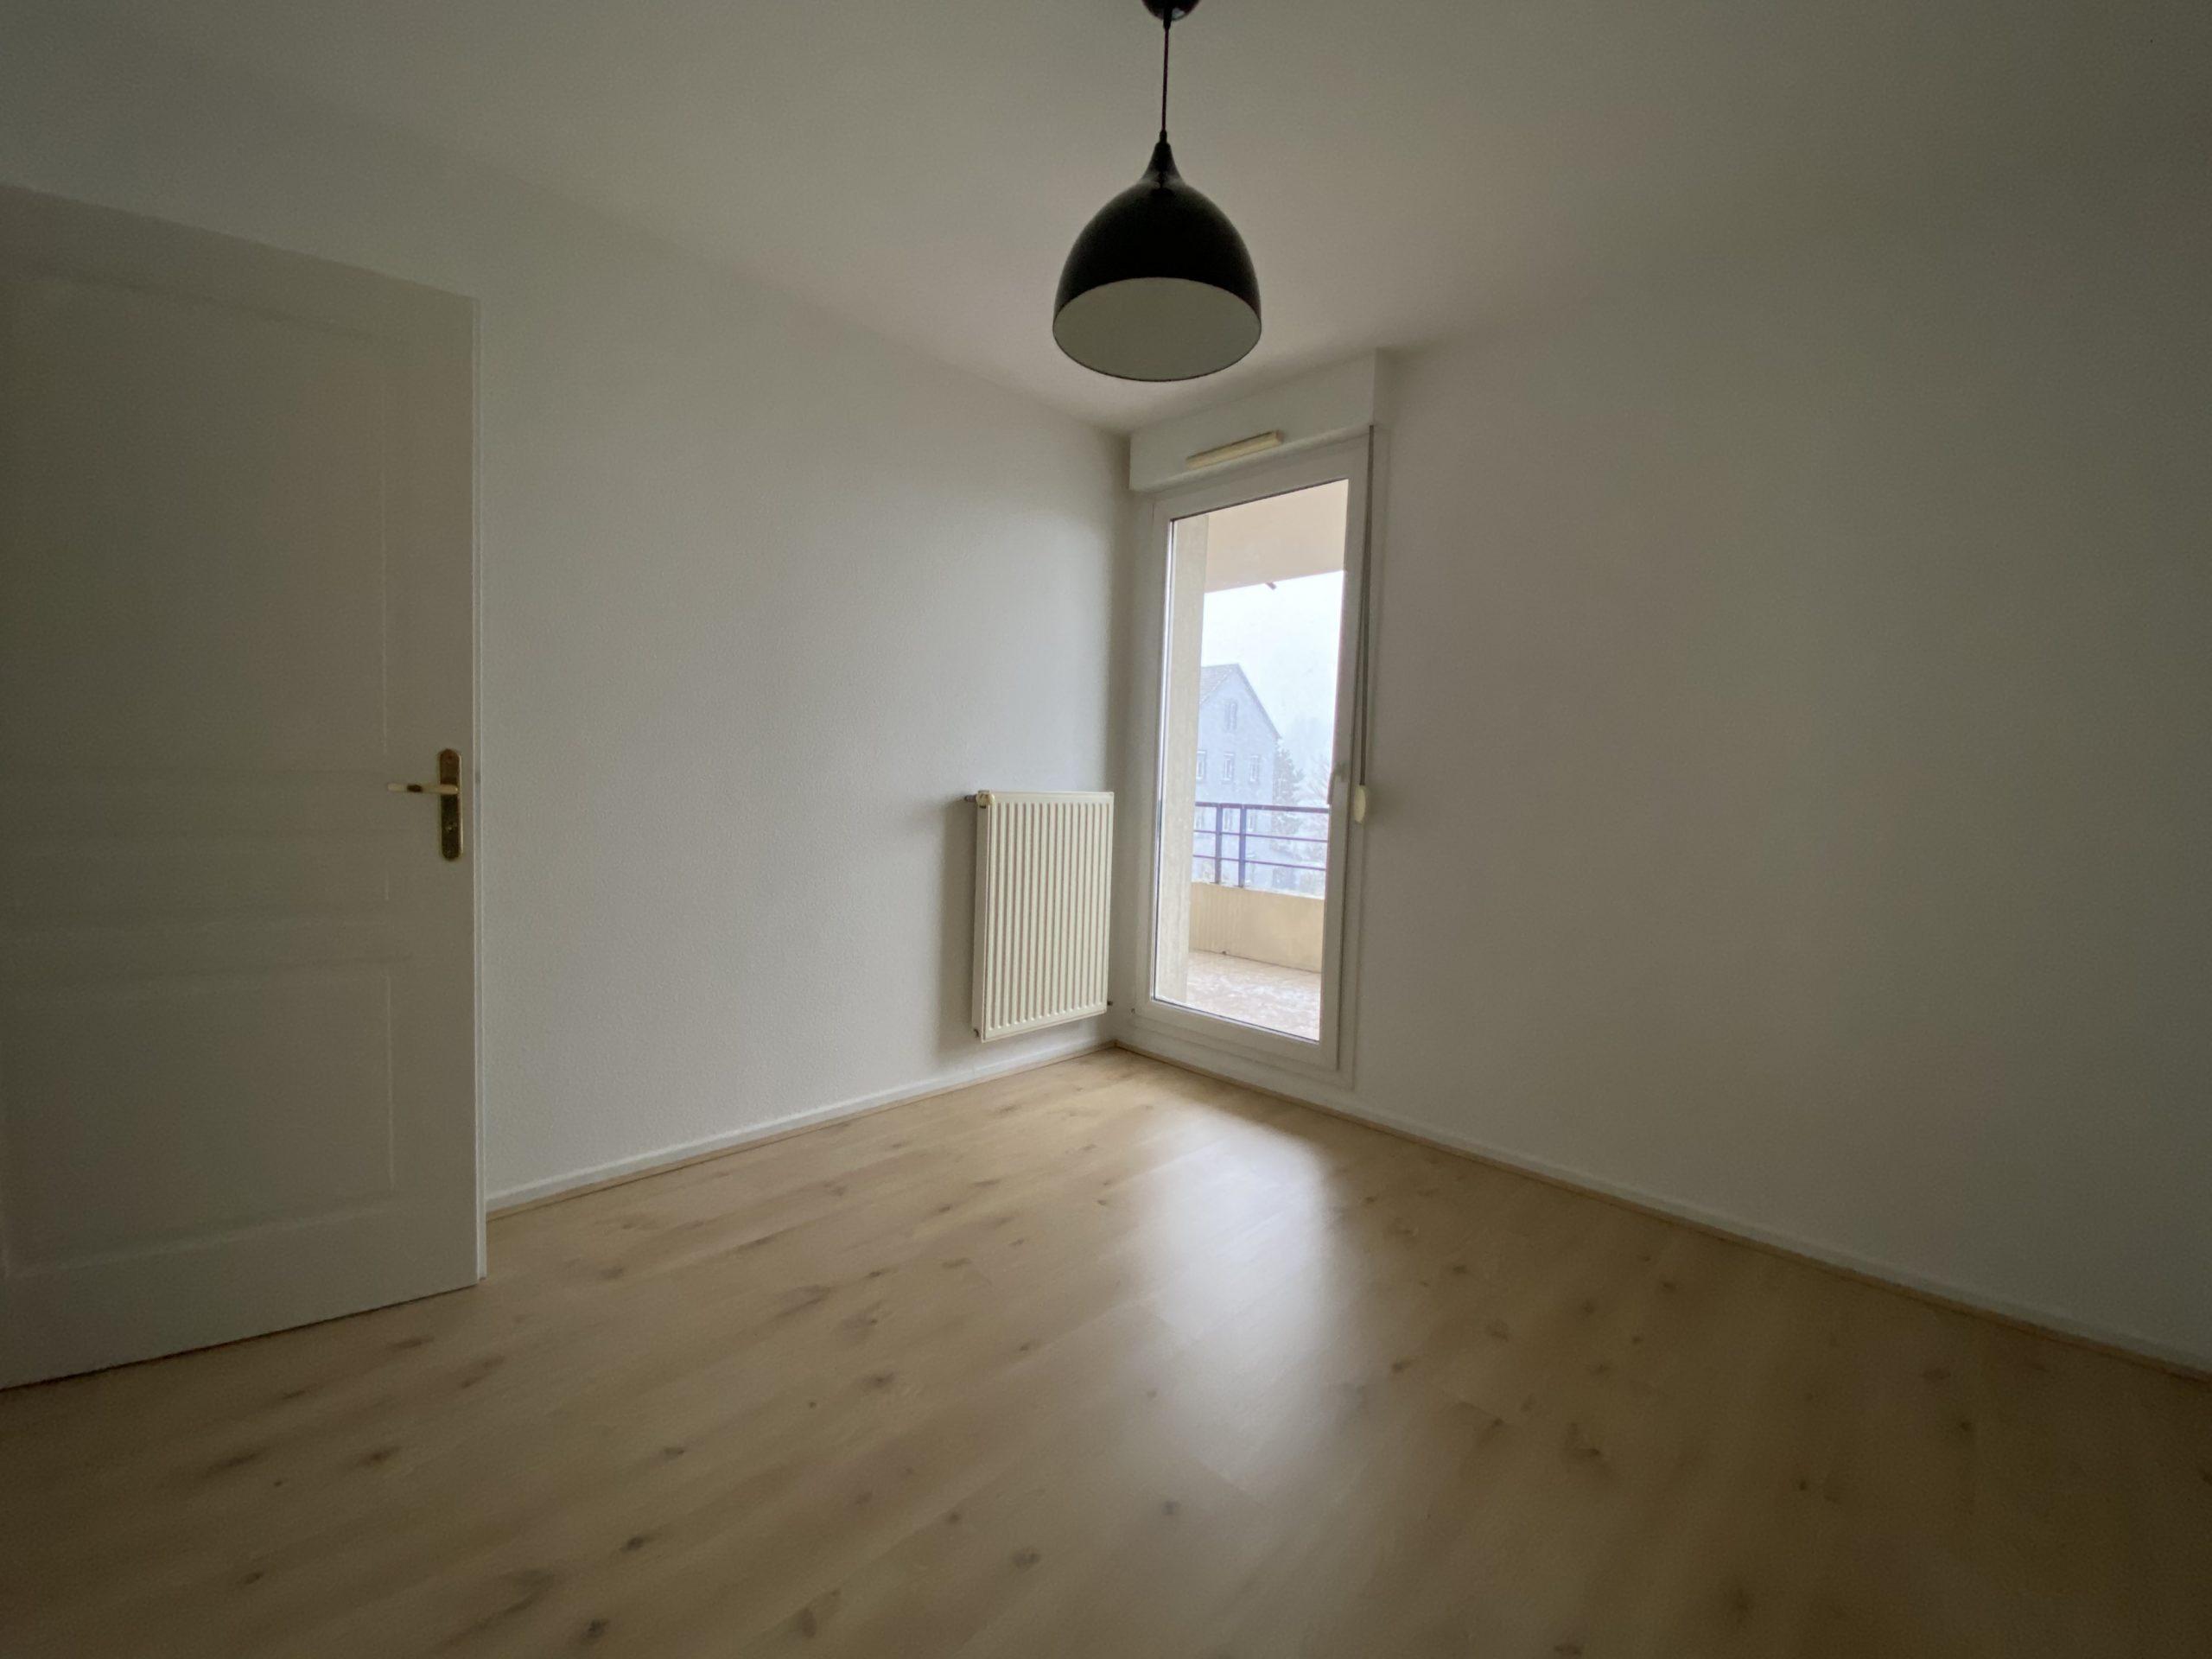 Vous êtes à la recherche d'une maison à vendre à Colmar, Ensisheim, de Wittenheim, de Rixheim ou ailleurs dans le 68 (Haut-Rhin) Devenir propriétaire d'une maison dans le Haut-Rhin ? Et, mieux, d'une maison correspondant parfaitement à vos envies, besoins et budget ? Que vous cherchiez une petite maison cocooning ou une belle surface habitable, une maison jumelée ou individuelle, une maison de plain-pied ou à étages, je saurai trouver le bien immobilier qu'il vous faut ! La région se distingue par la grande diversité de ses offres immobilières : on peut y acheter de jolies maisons traditionnelles avec terrasse, jardin, garage, etc., le tout dans un cadre bucolique… mais également de belles maisons modernes en pleine ville. Et que vous souhaitiez ou nous vous lancer dans des travaux de rénovation, je dénicherai votre future habitation !